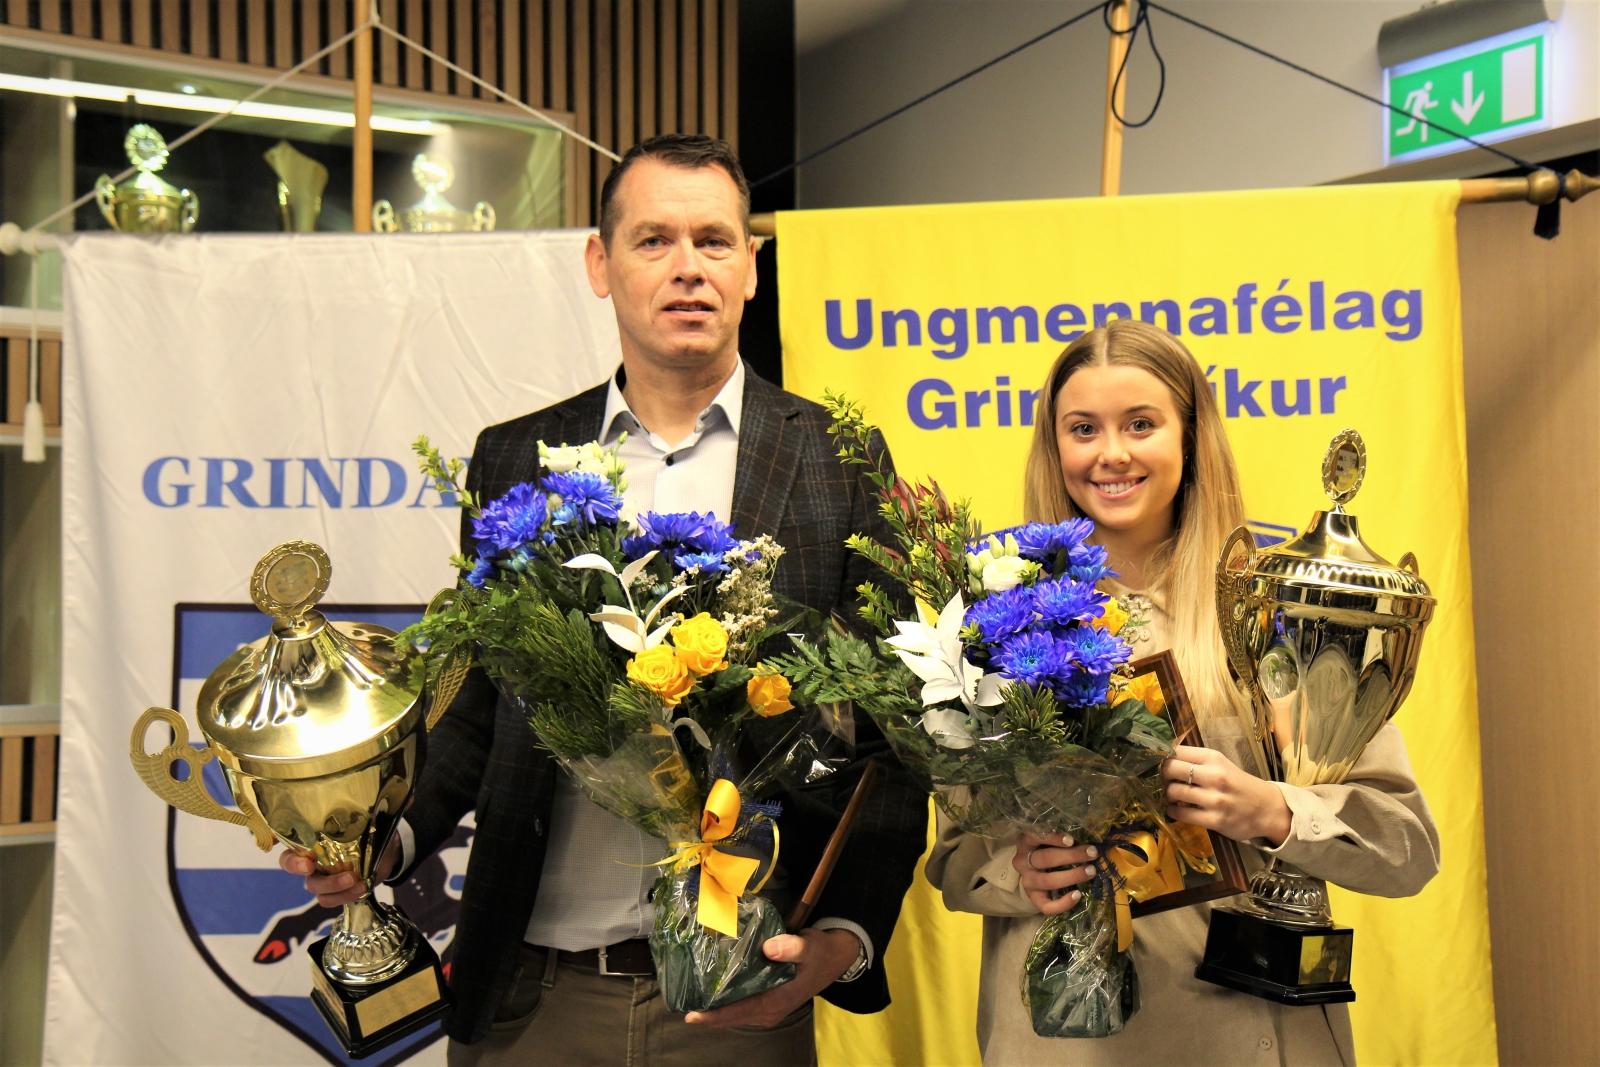 Hrund og Jón Axel íþróttafólk Grindavíkur 2019